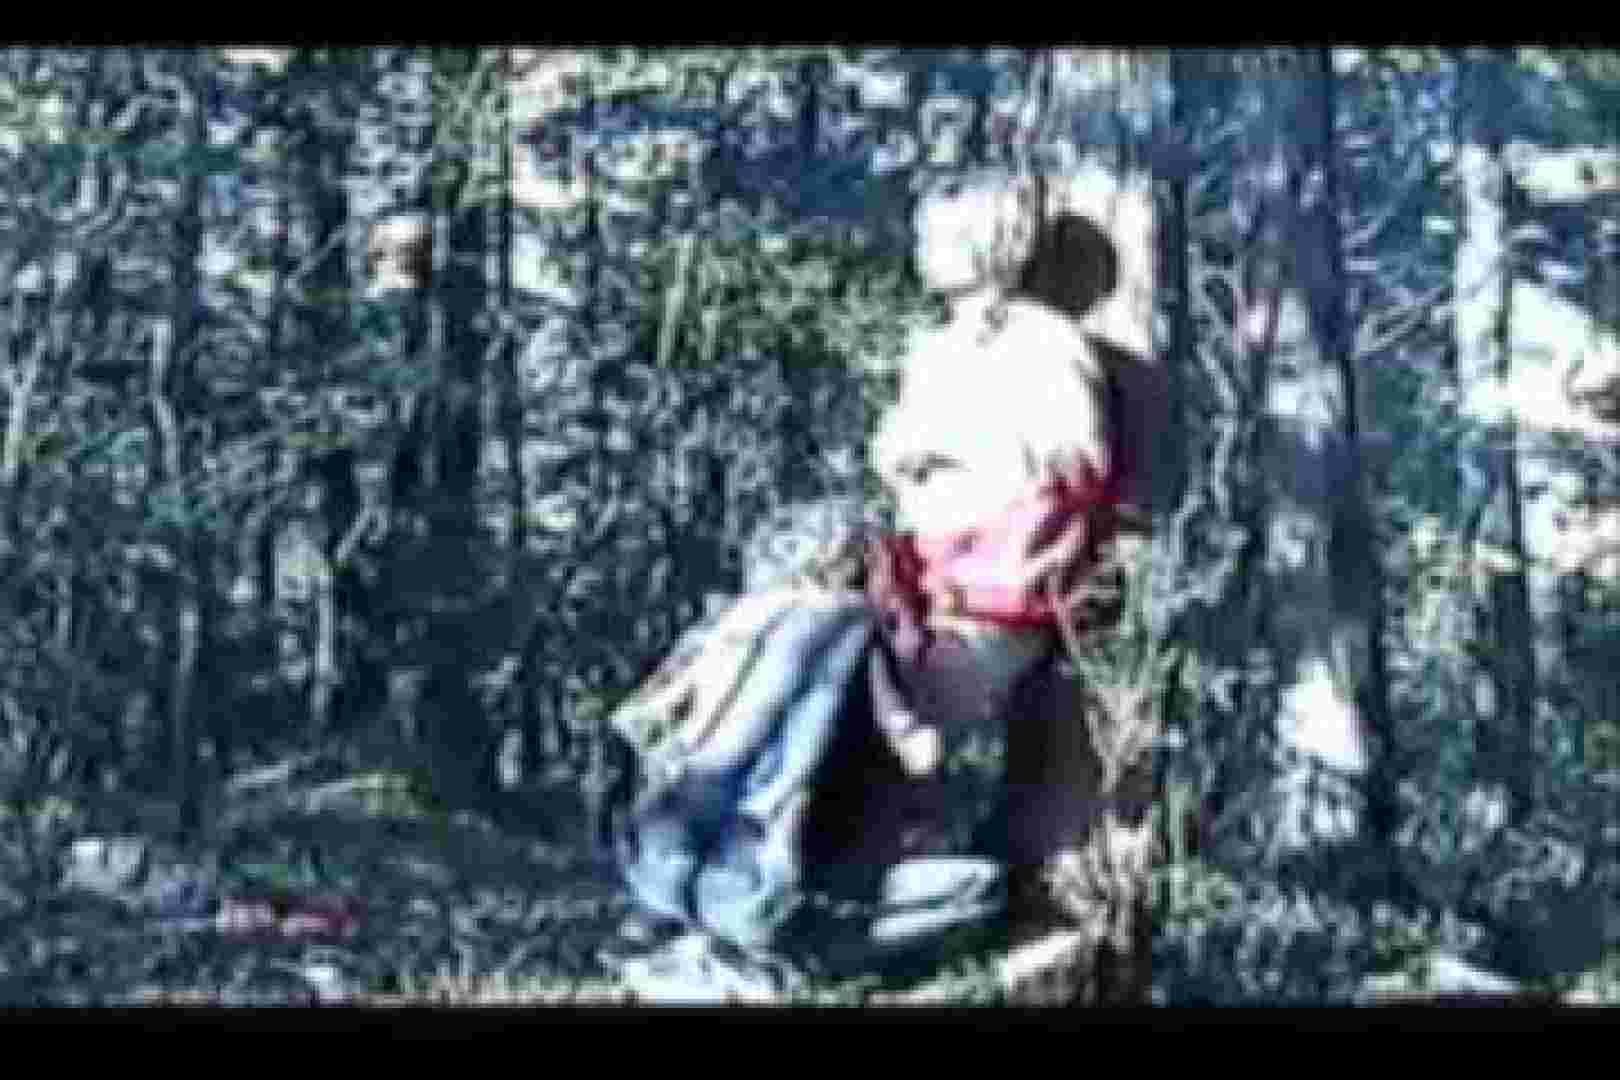 オールドゲイシリーズ  美少年ひかるのオープンファック イケメン  106pic 106